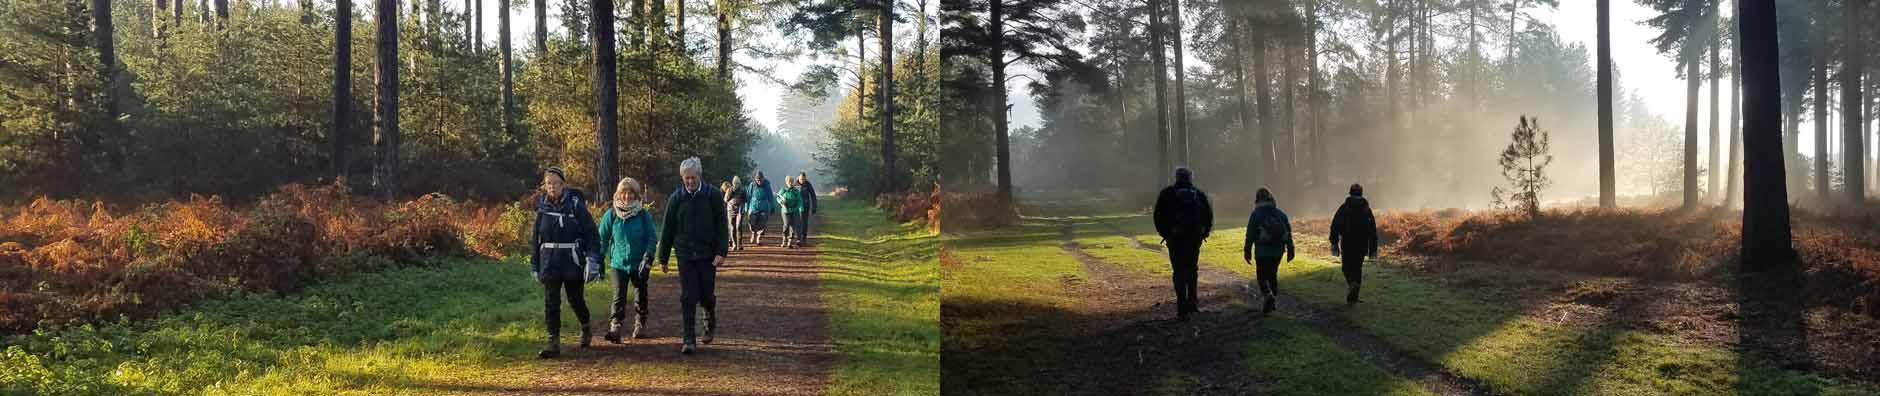 Thetford Forest walk - December 2020